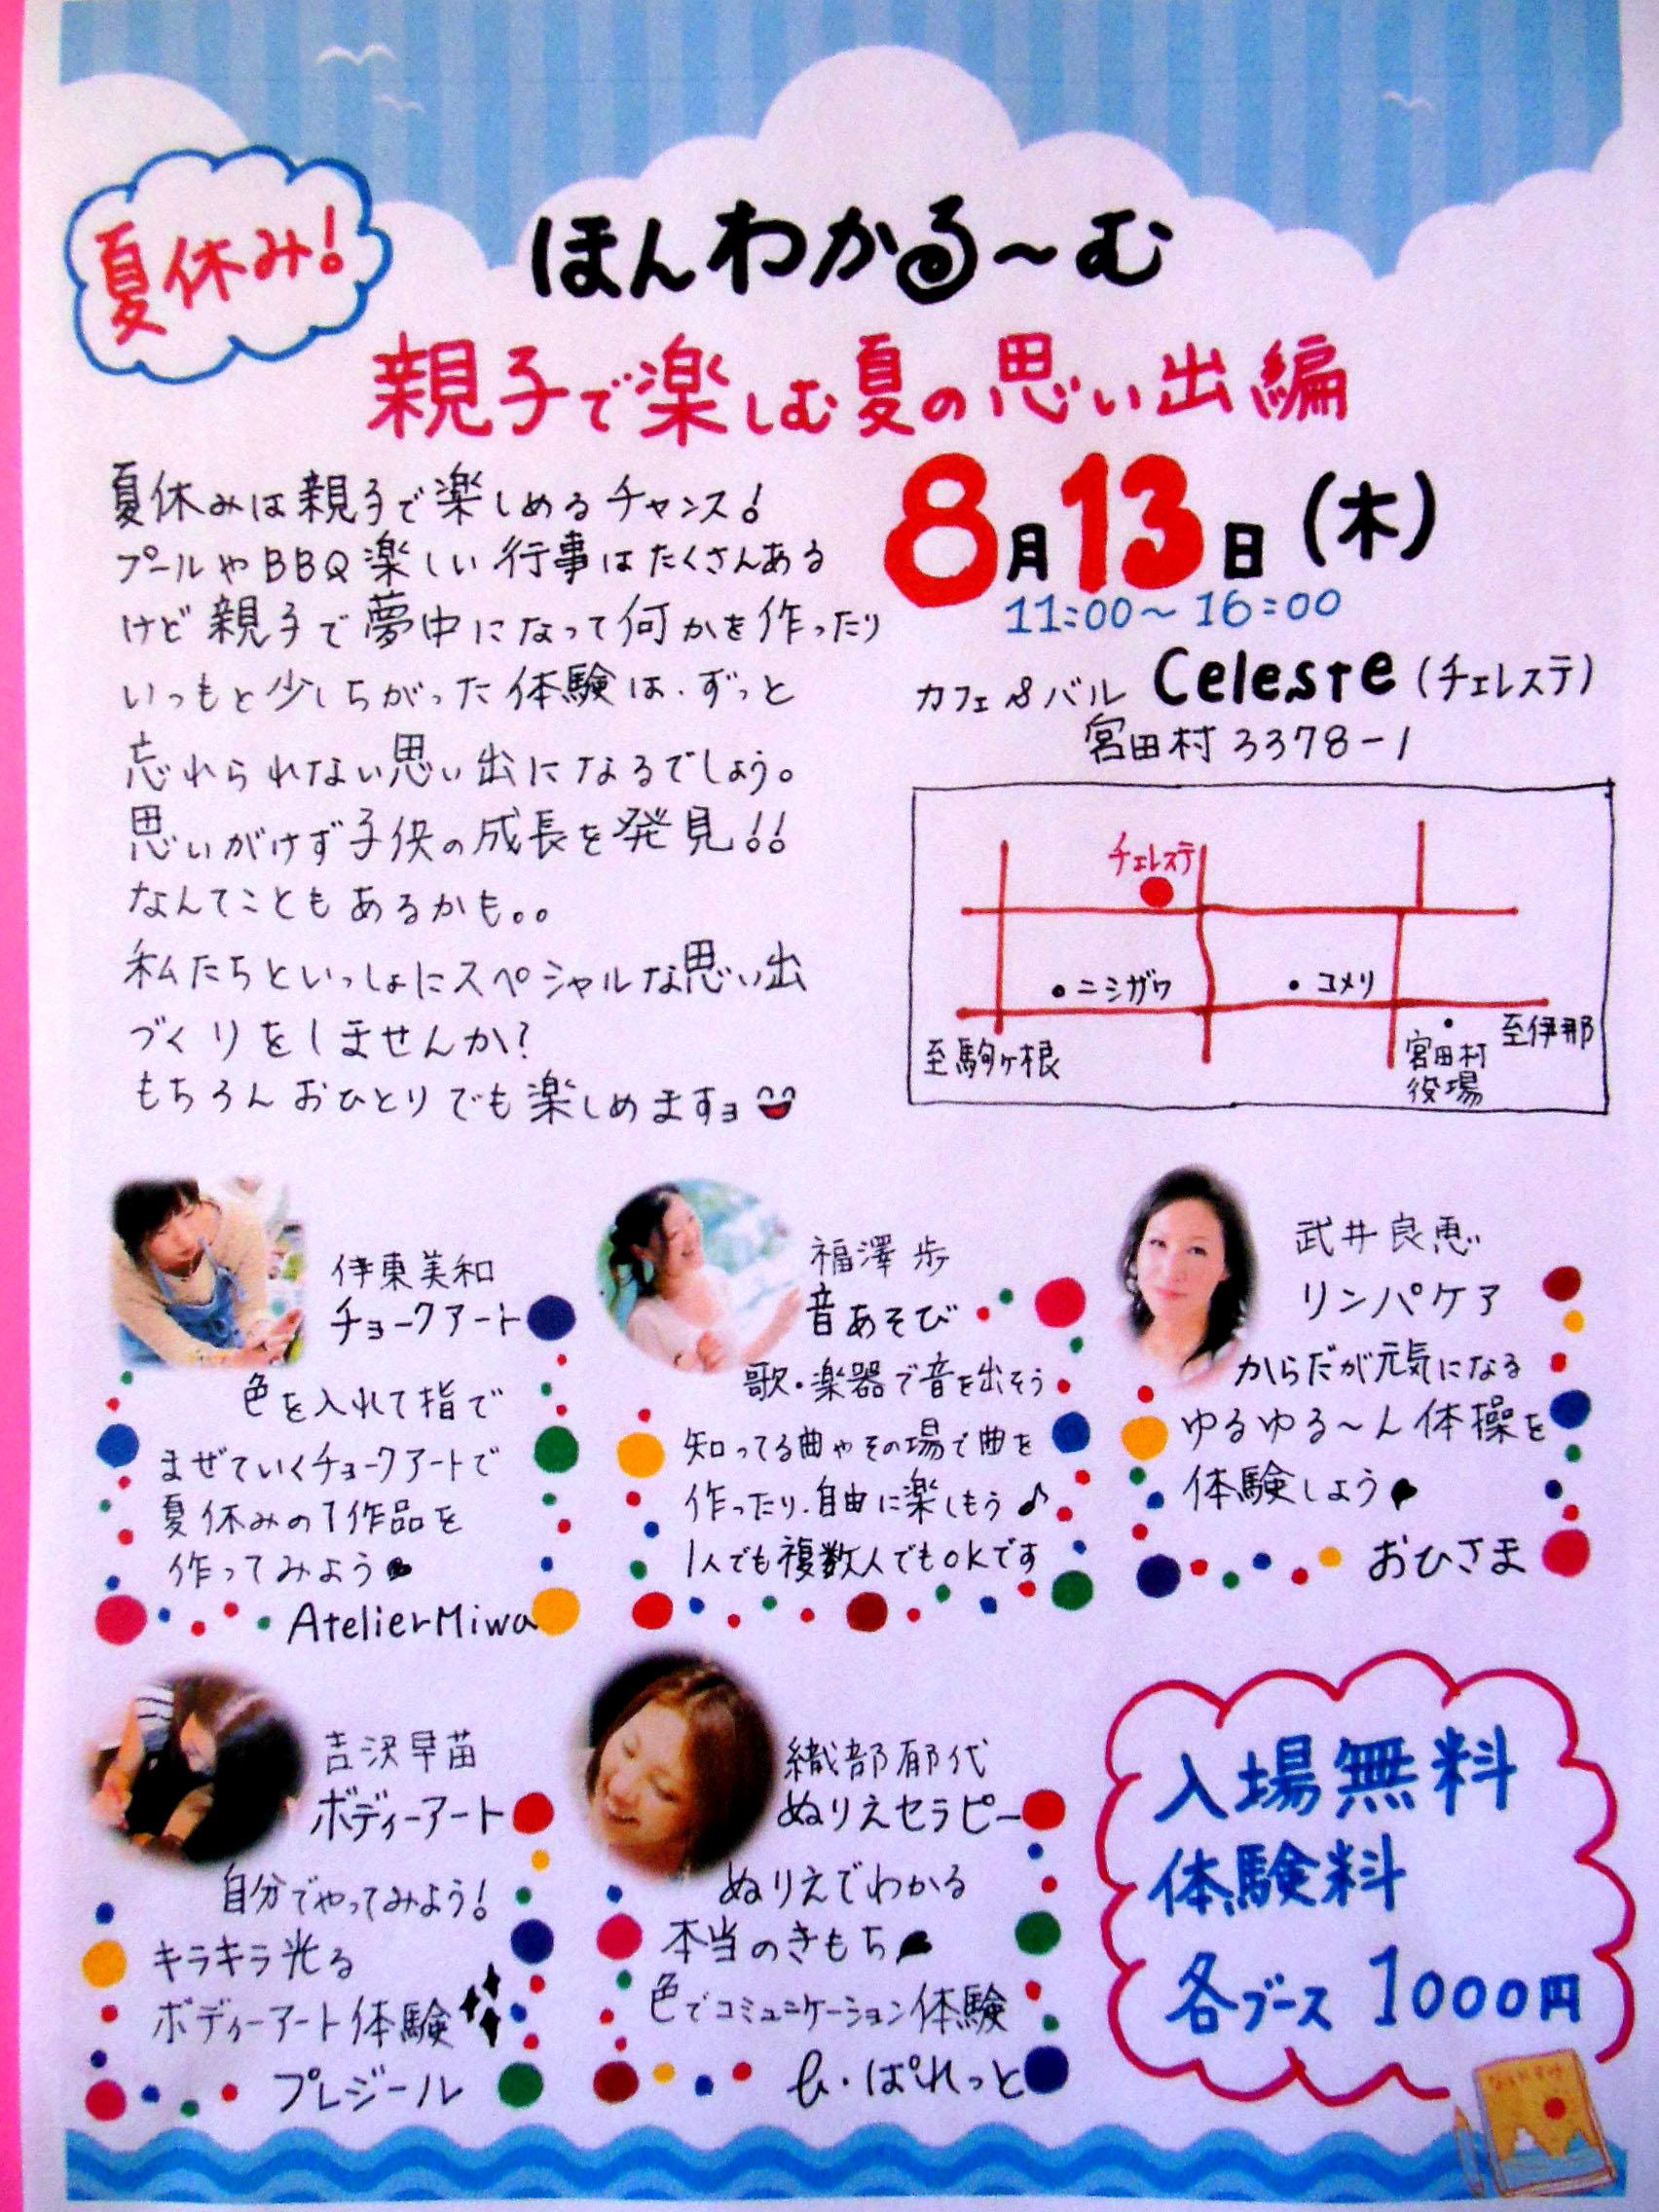 DSCN5716.jpg